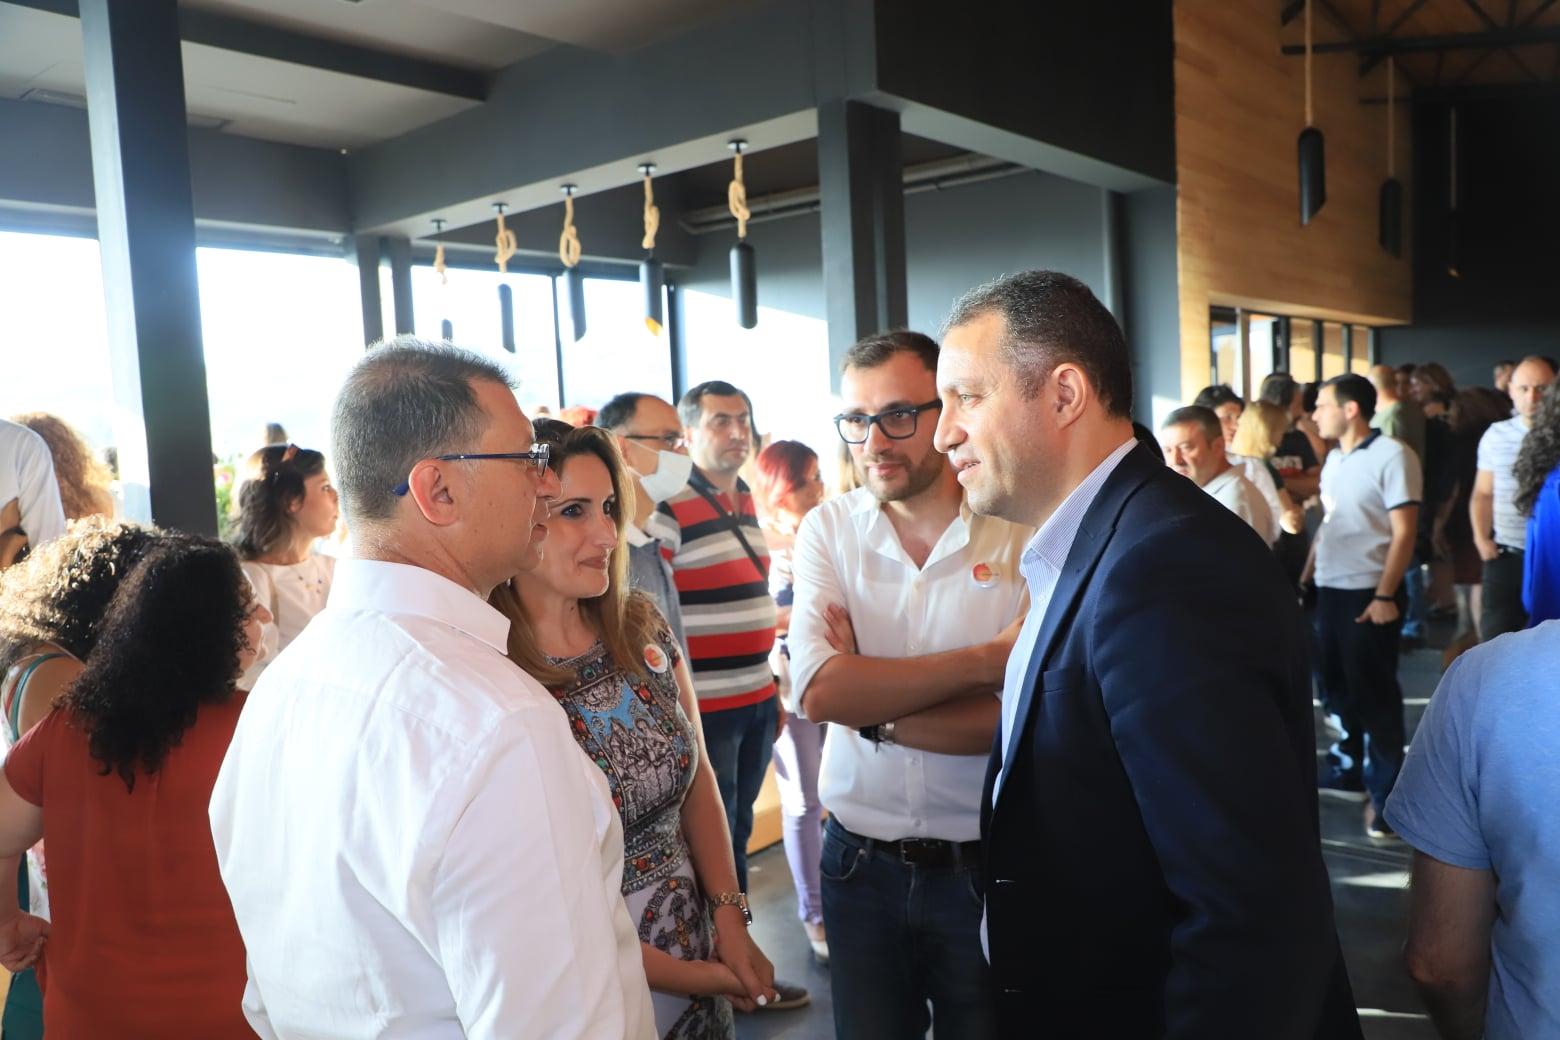 Հայակական արտադրանքը հասանելի է դառնում աշխարհի տարբեր անկյուններում․ Վահան Քերոբյանը մասնակցել է Buy Armenian առցանց վաճառքի հարթակի պաշտոնական մեկնարկին